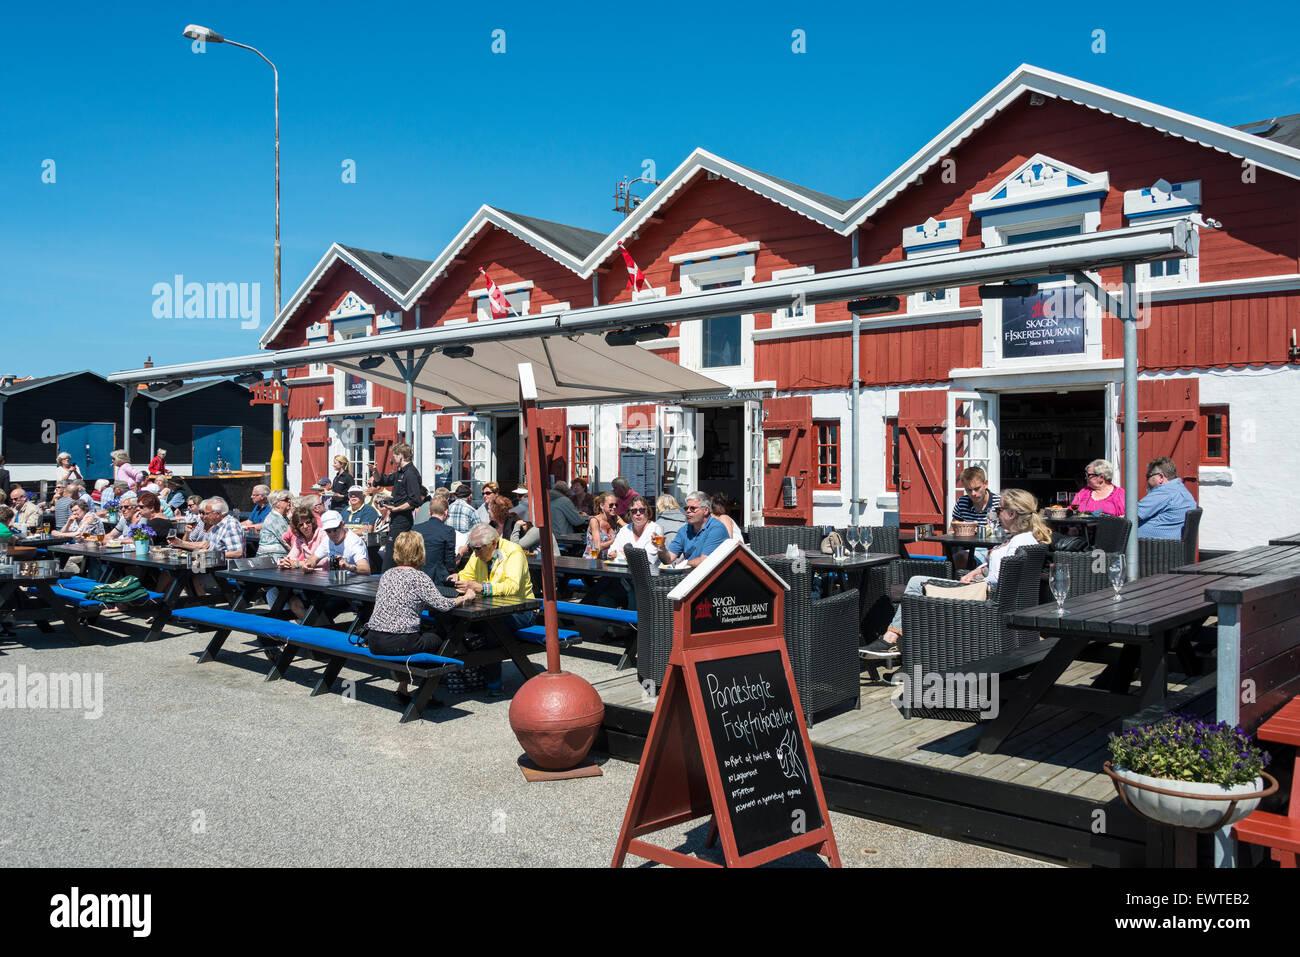 Skagen Fiskerestaurant, Skagen, North Jutland Region, Denmark - Stock Image